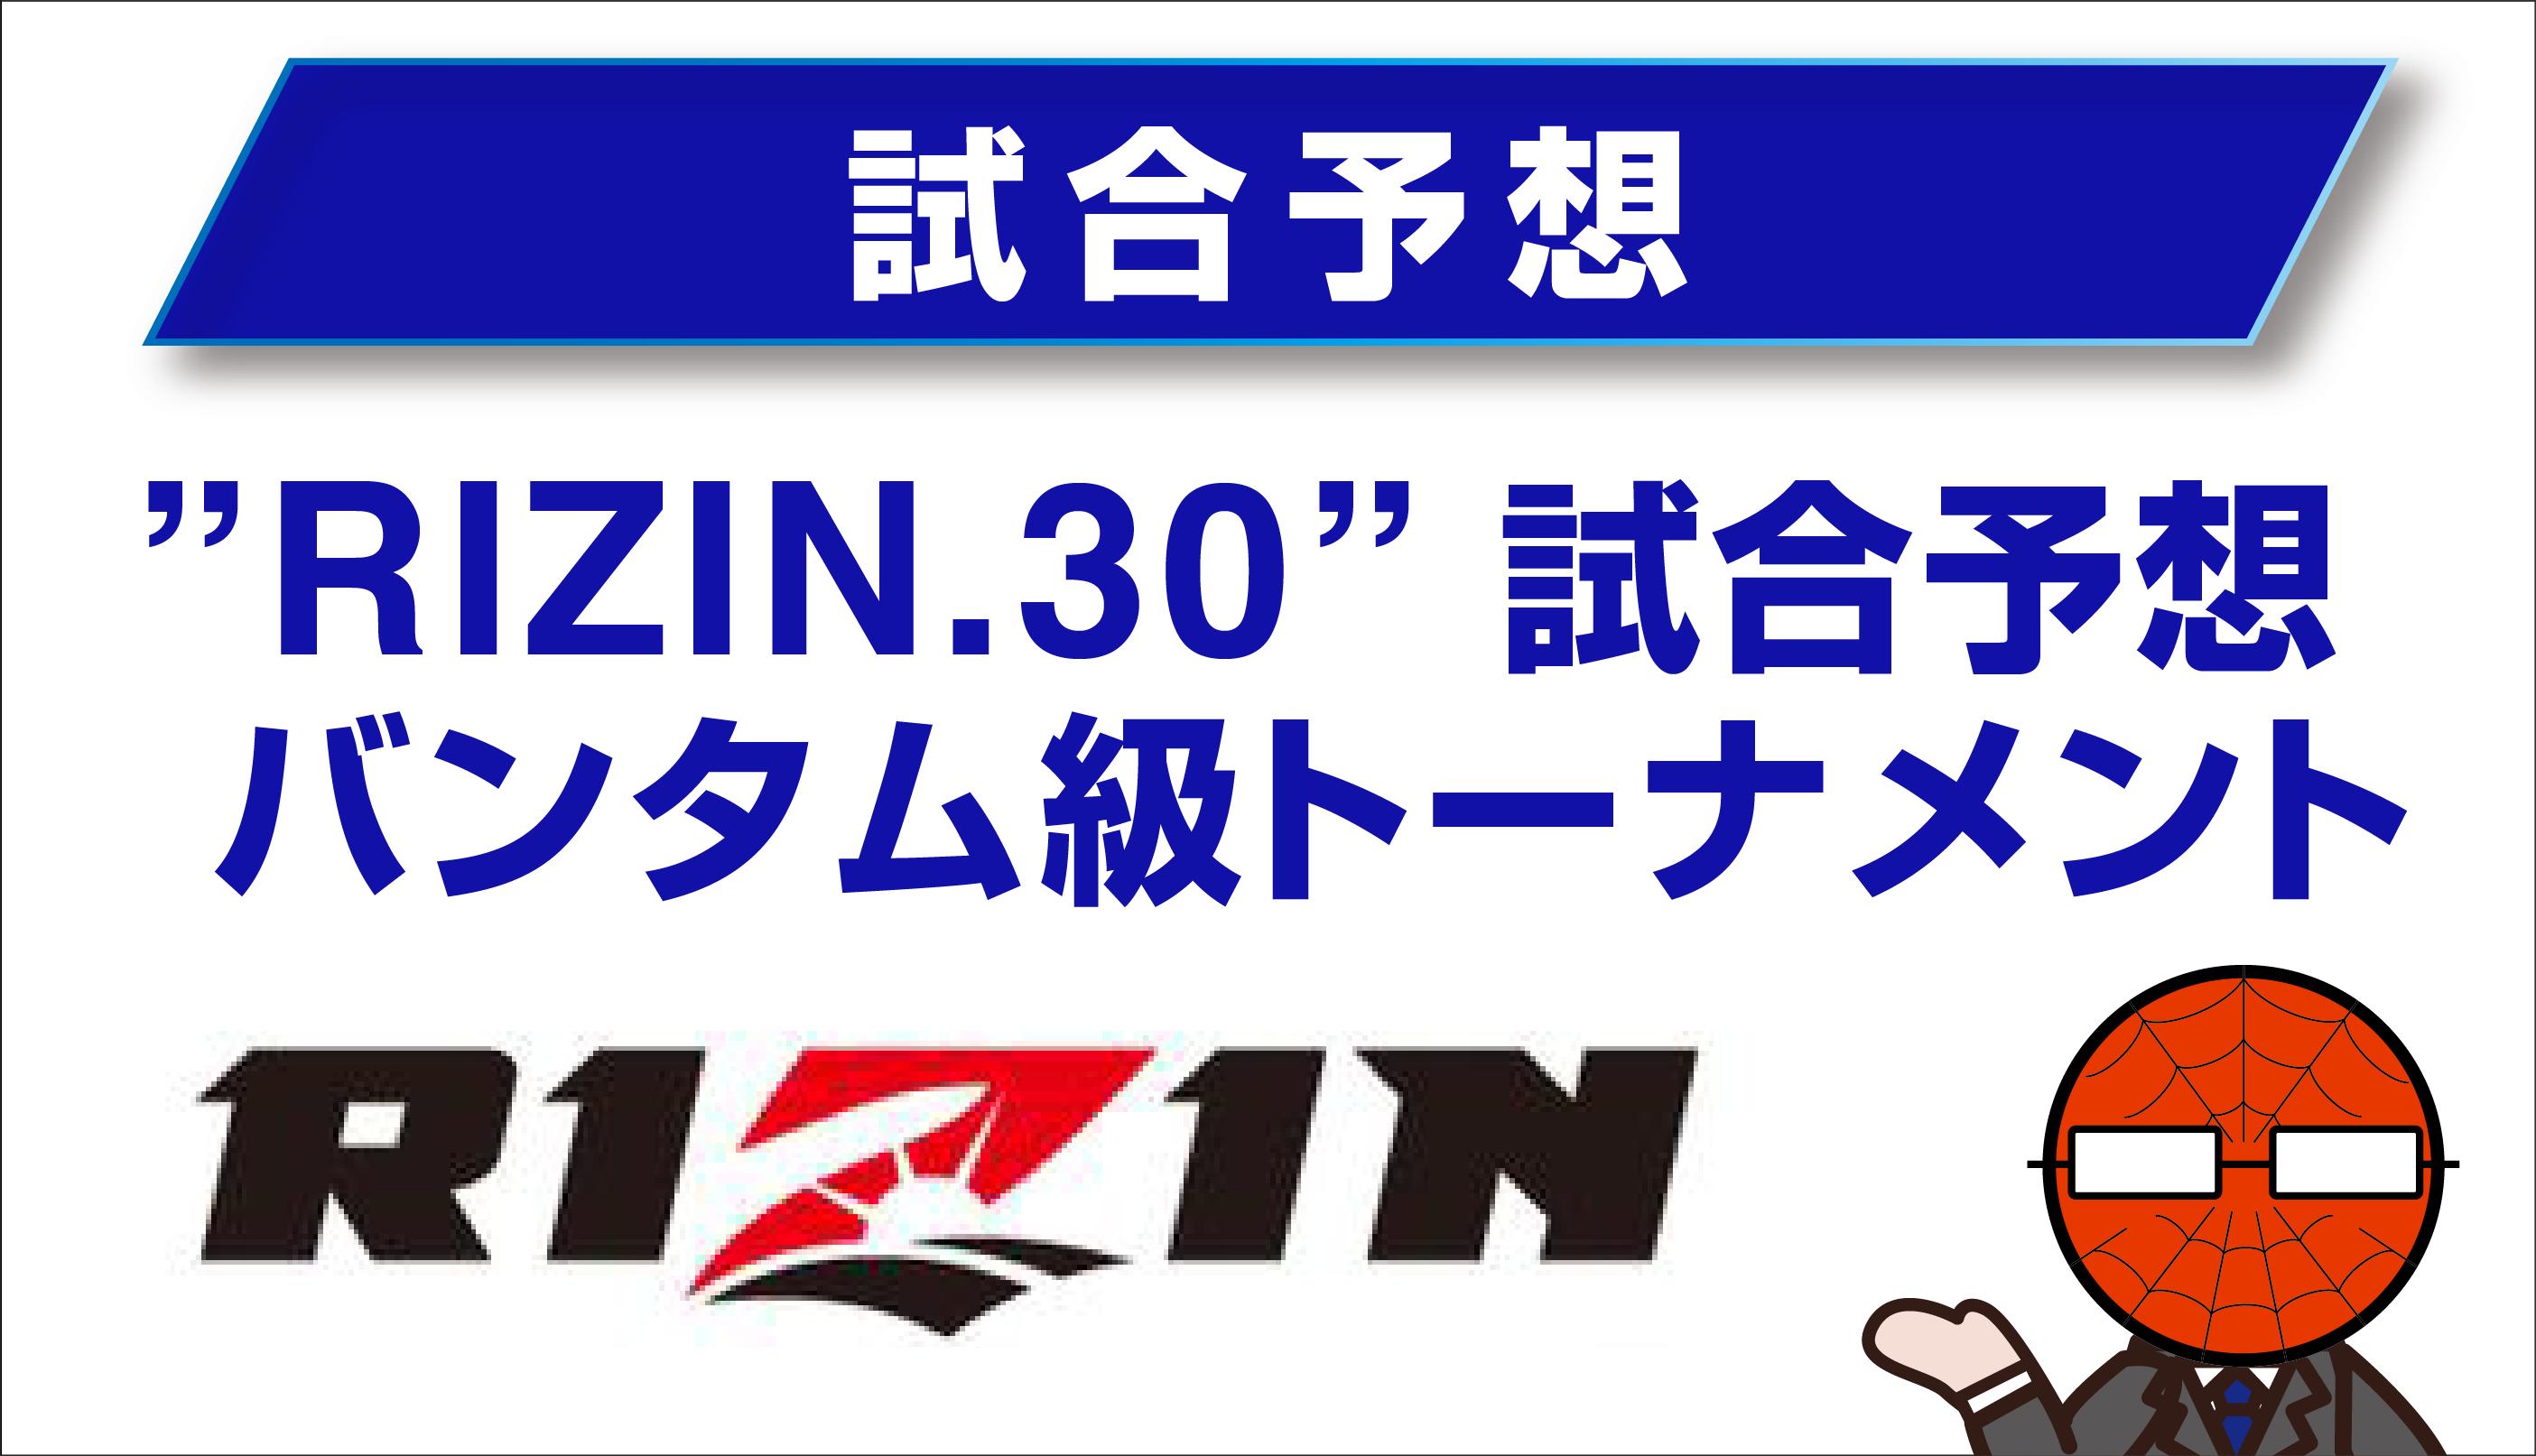 rizin-31